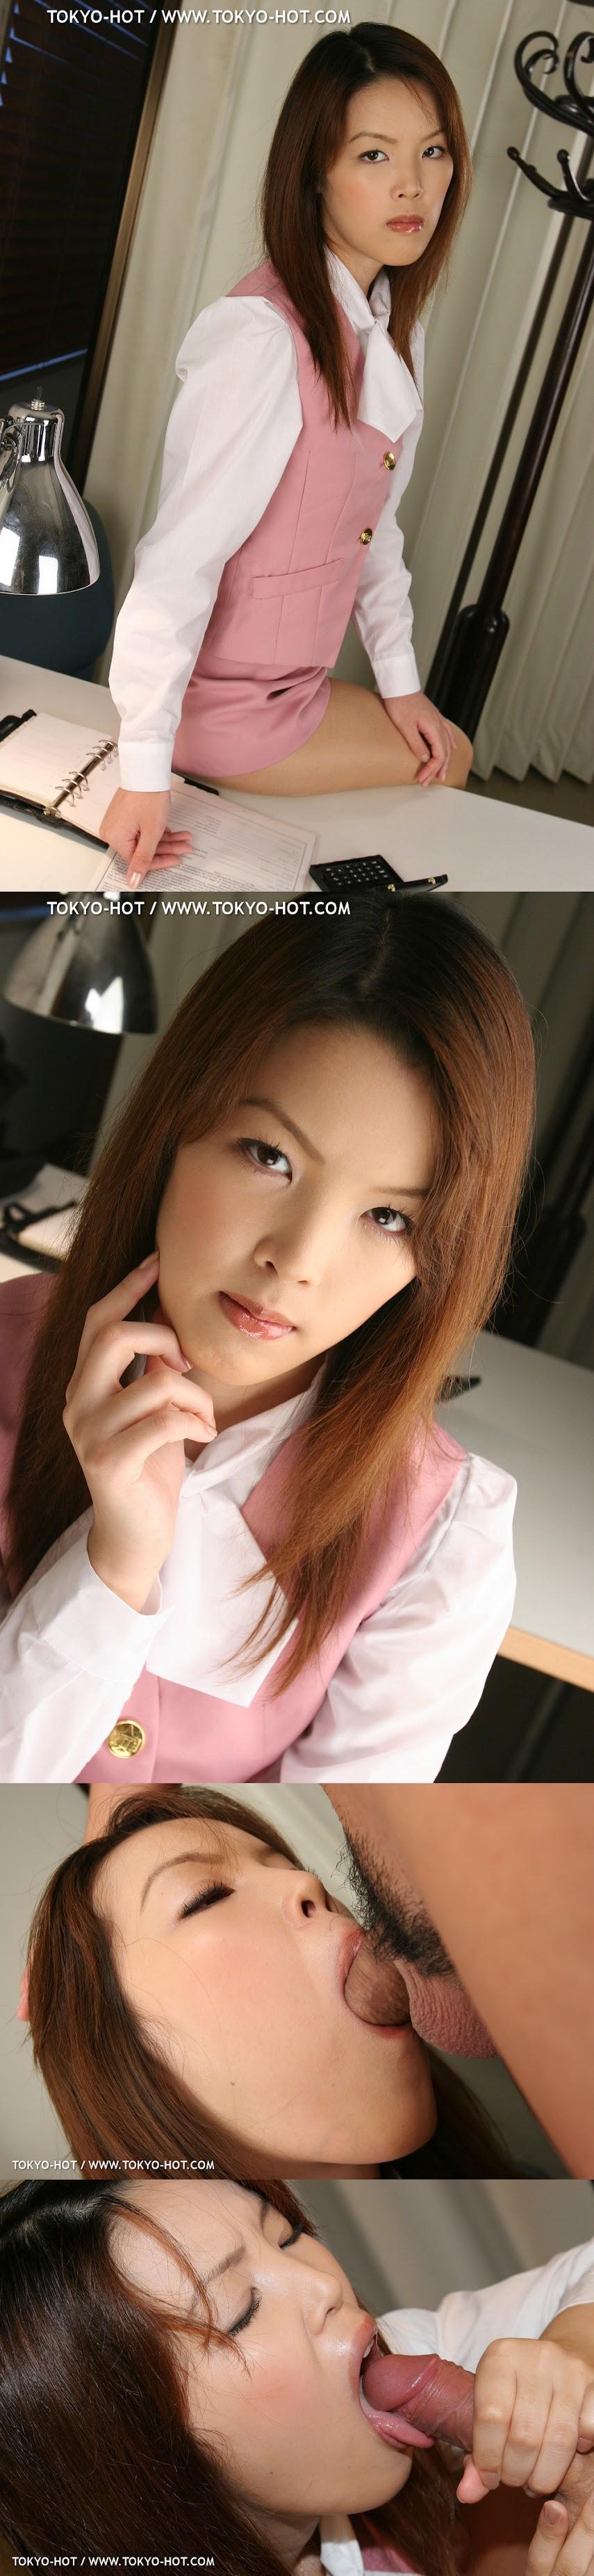 Tokyo-Hot e045 aiko imai 002 - Girlsdelta